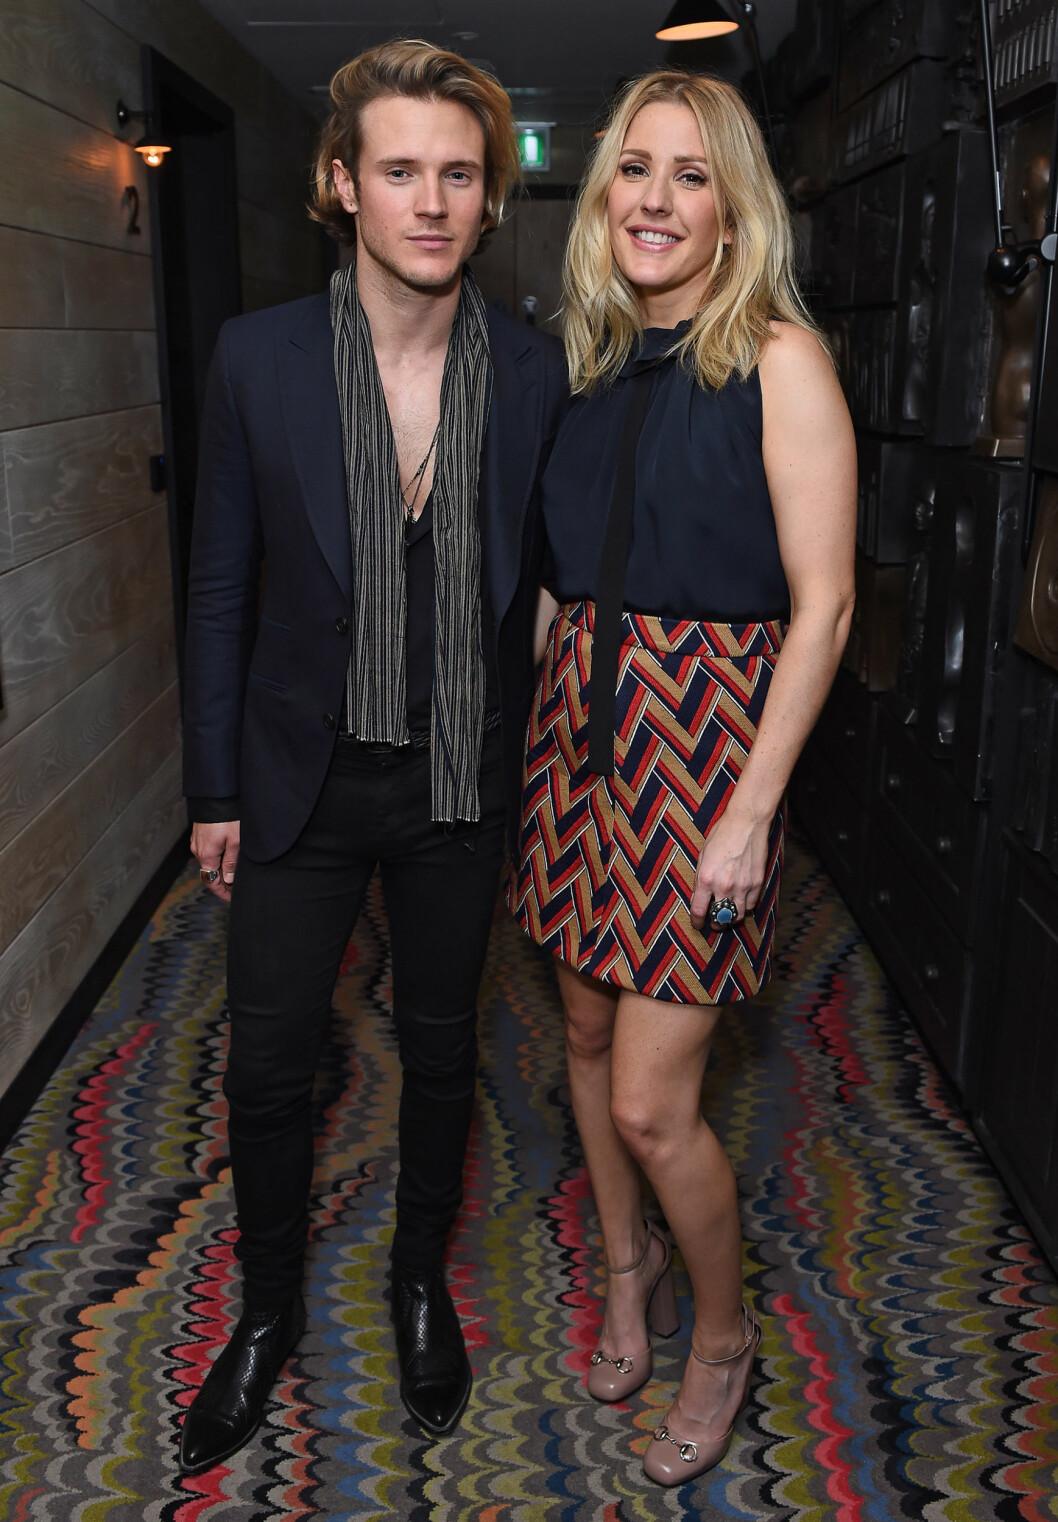 EKSEN: Ellie Goulding avbildet sammen med Dougie Poynter i London i oktober 2015.  Foto: Xposure